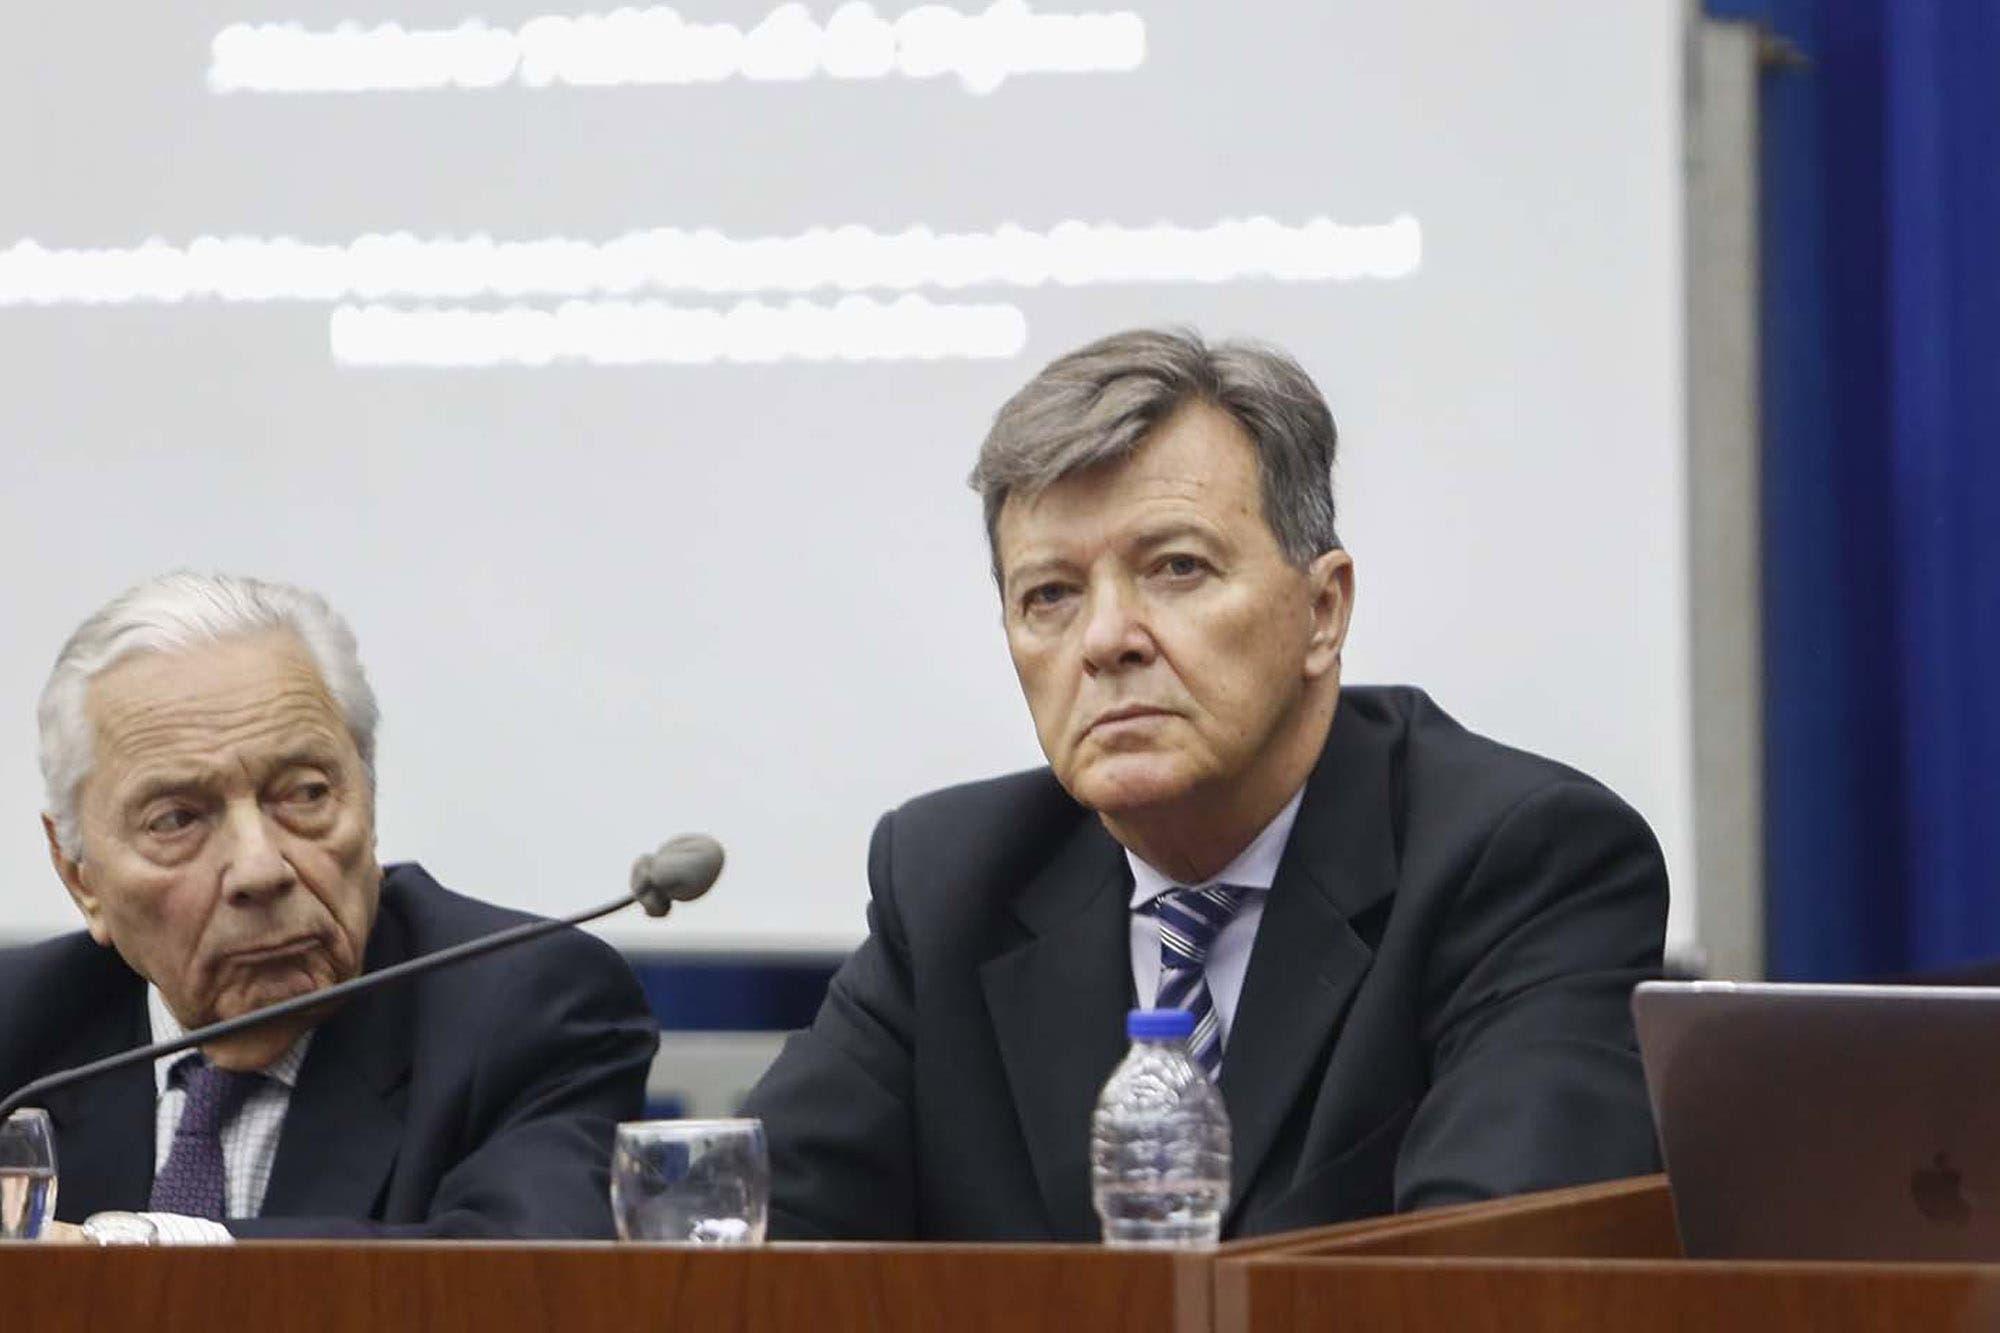 Daniel Bejas, el juez militante que Alberto Fernández propuso para la Cámara Nacional Electoral